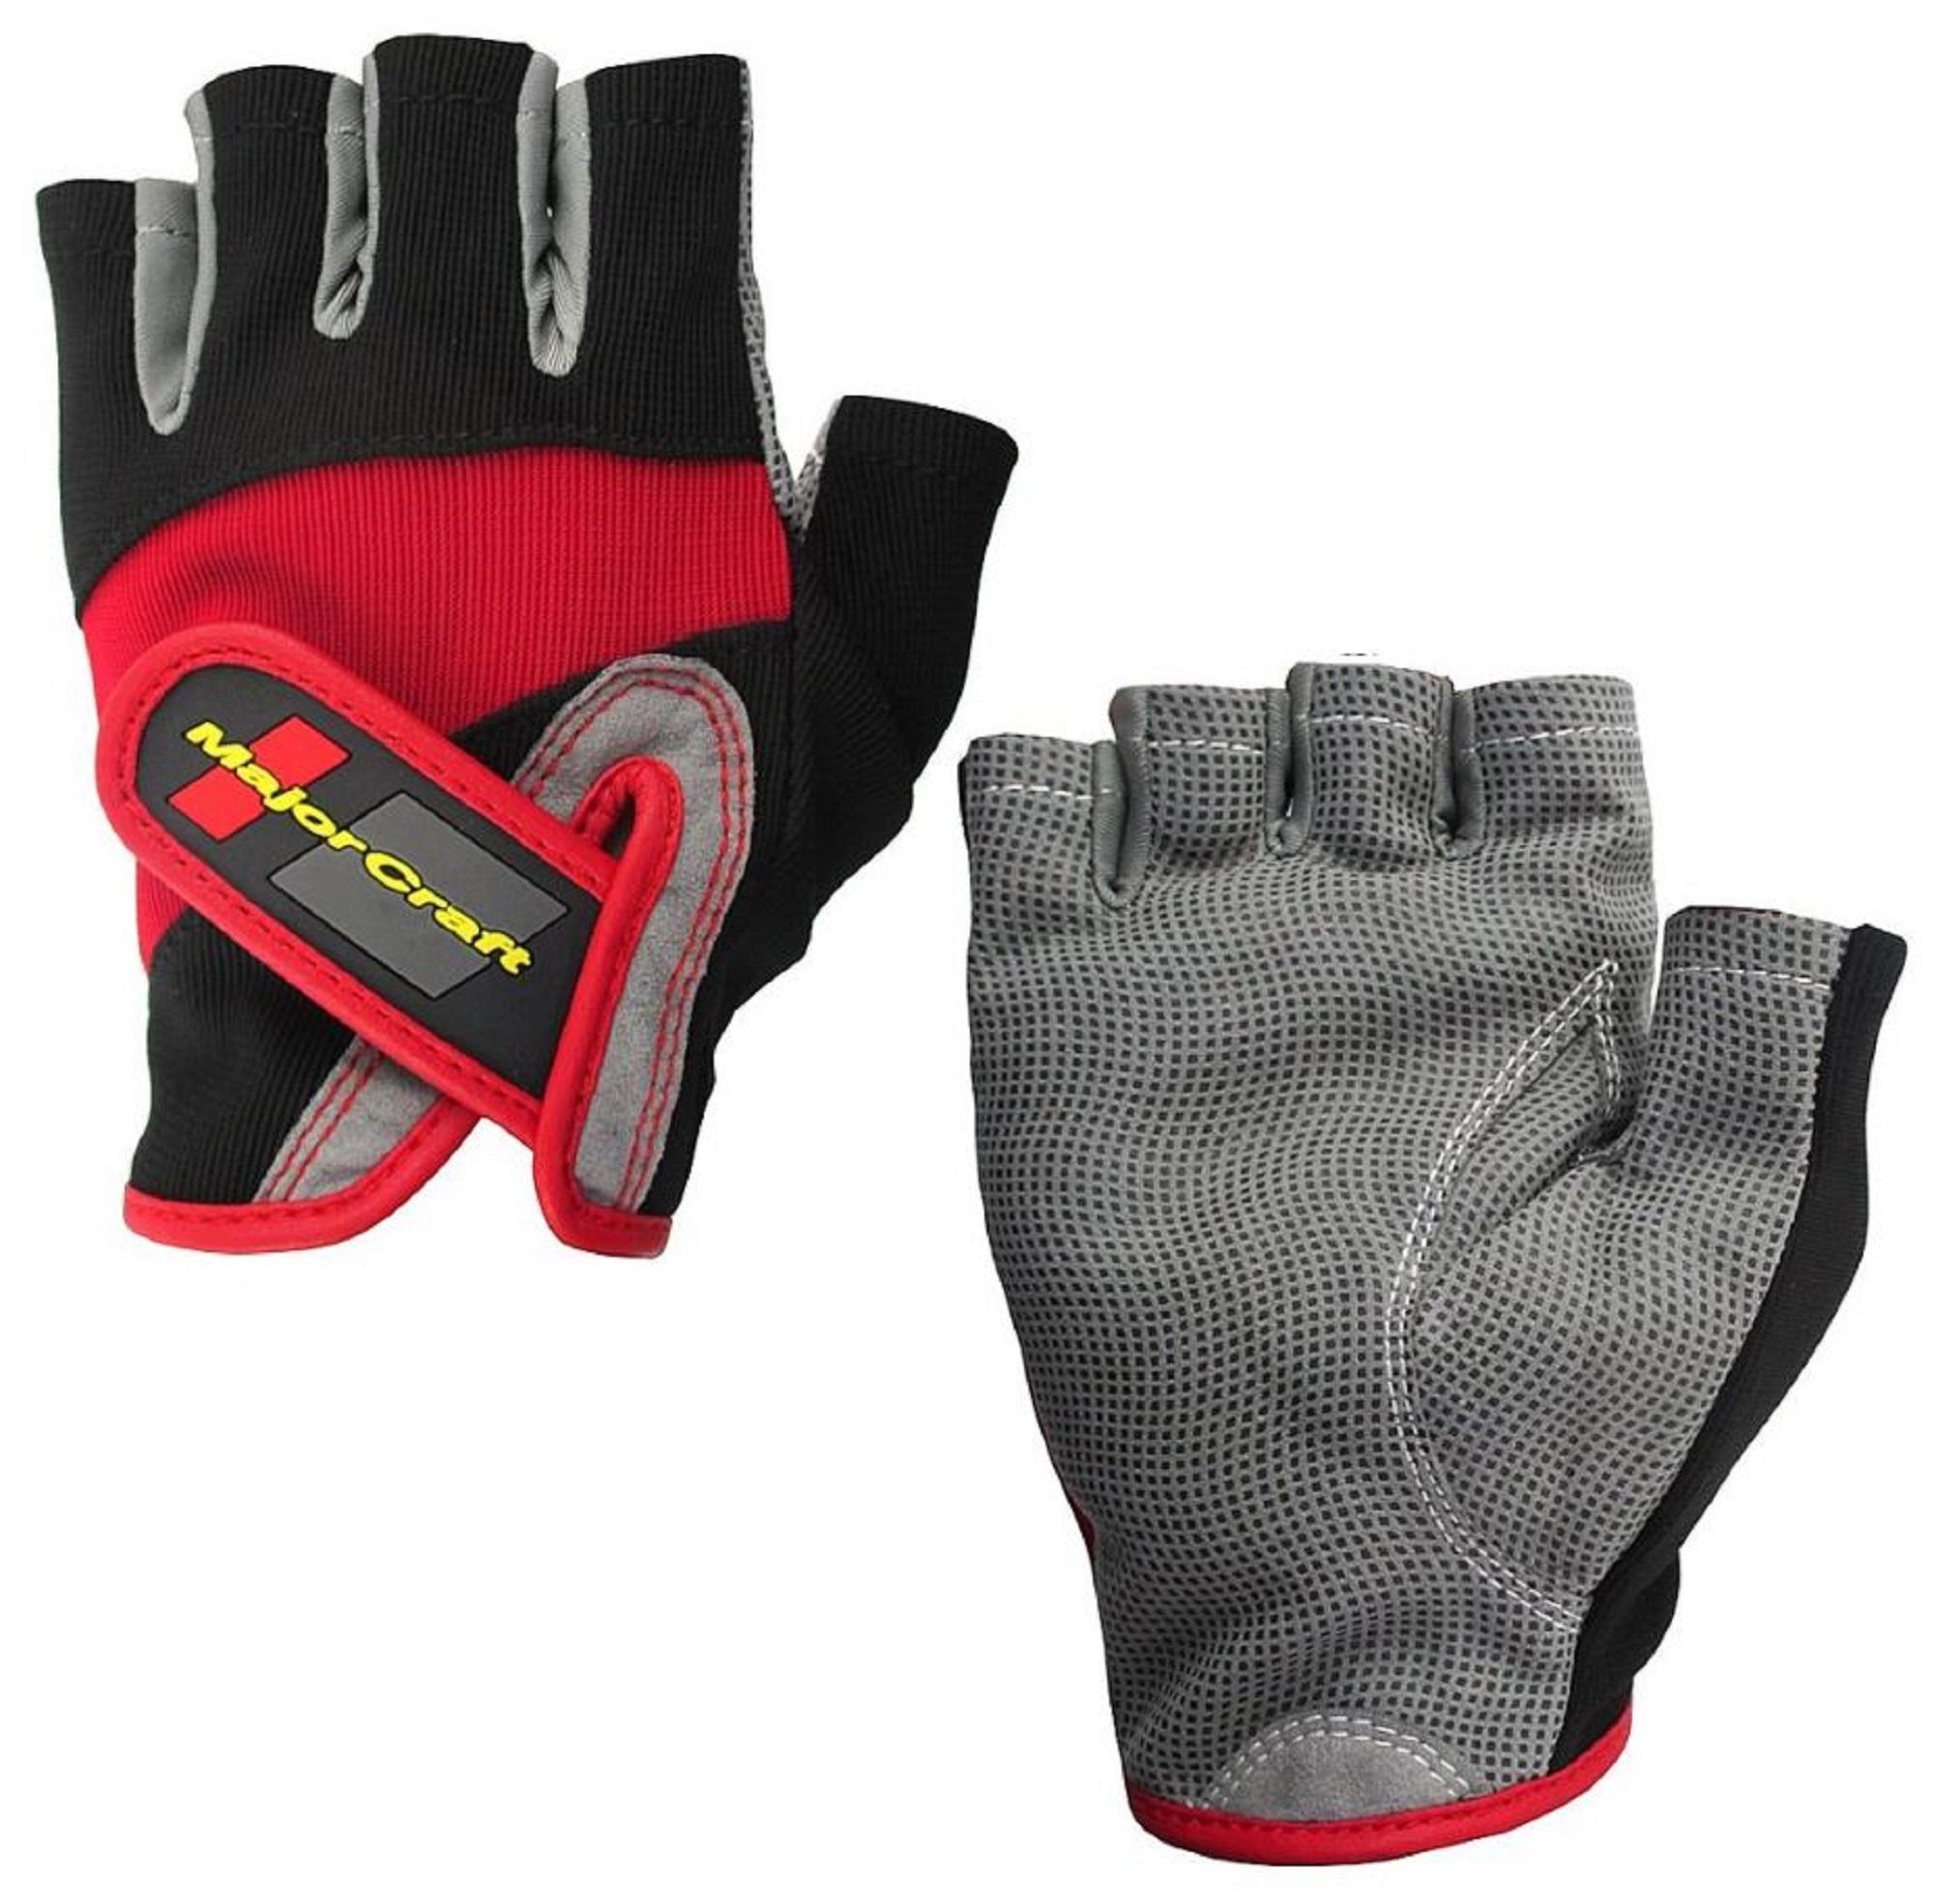 Major Craft Gloves Fishing Fingerless MCFG-5 M/BK (7045)